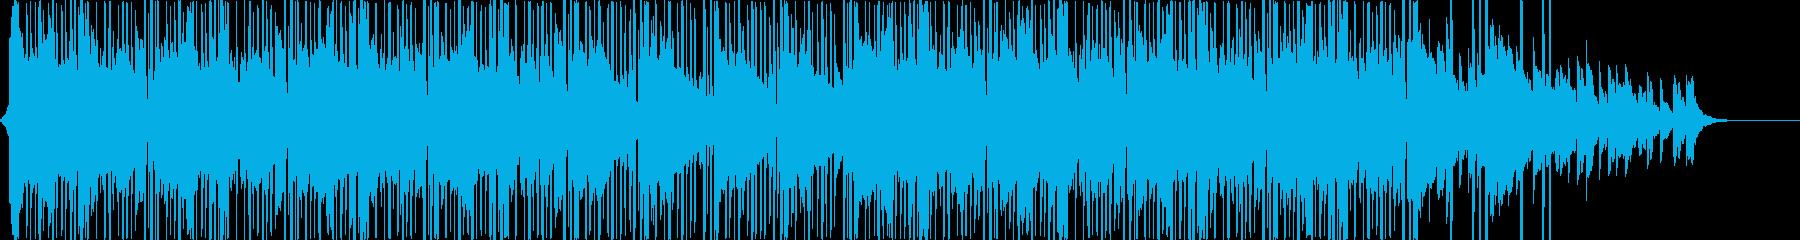 エレクトロ、クール、ベース、神秘的の再生済みの波形